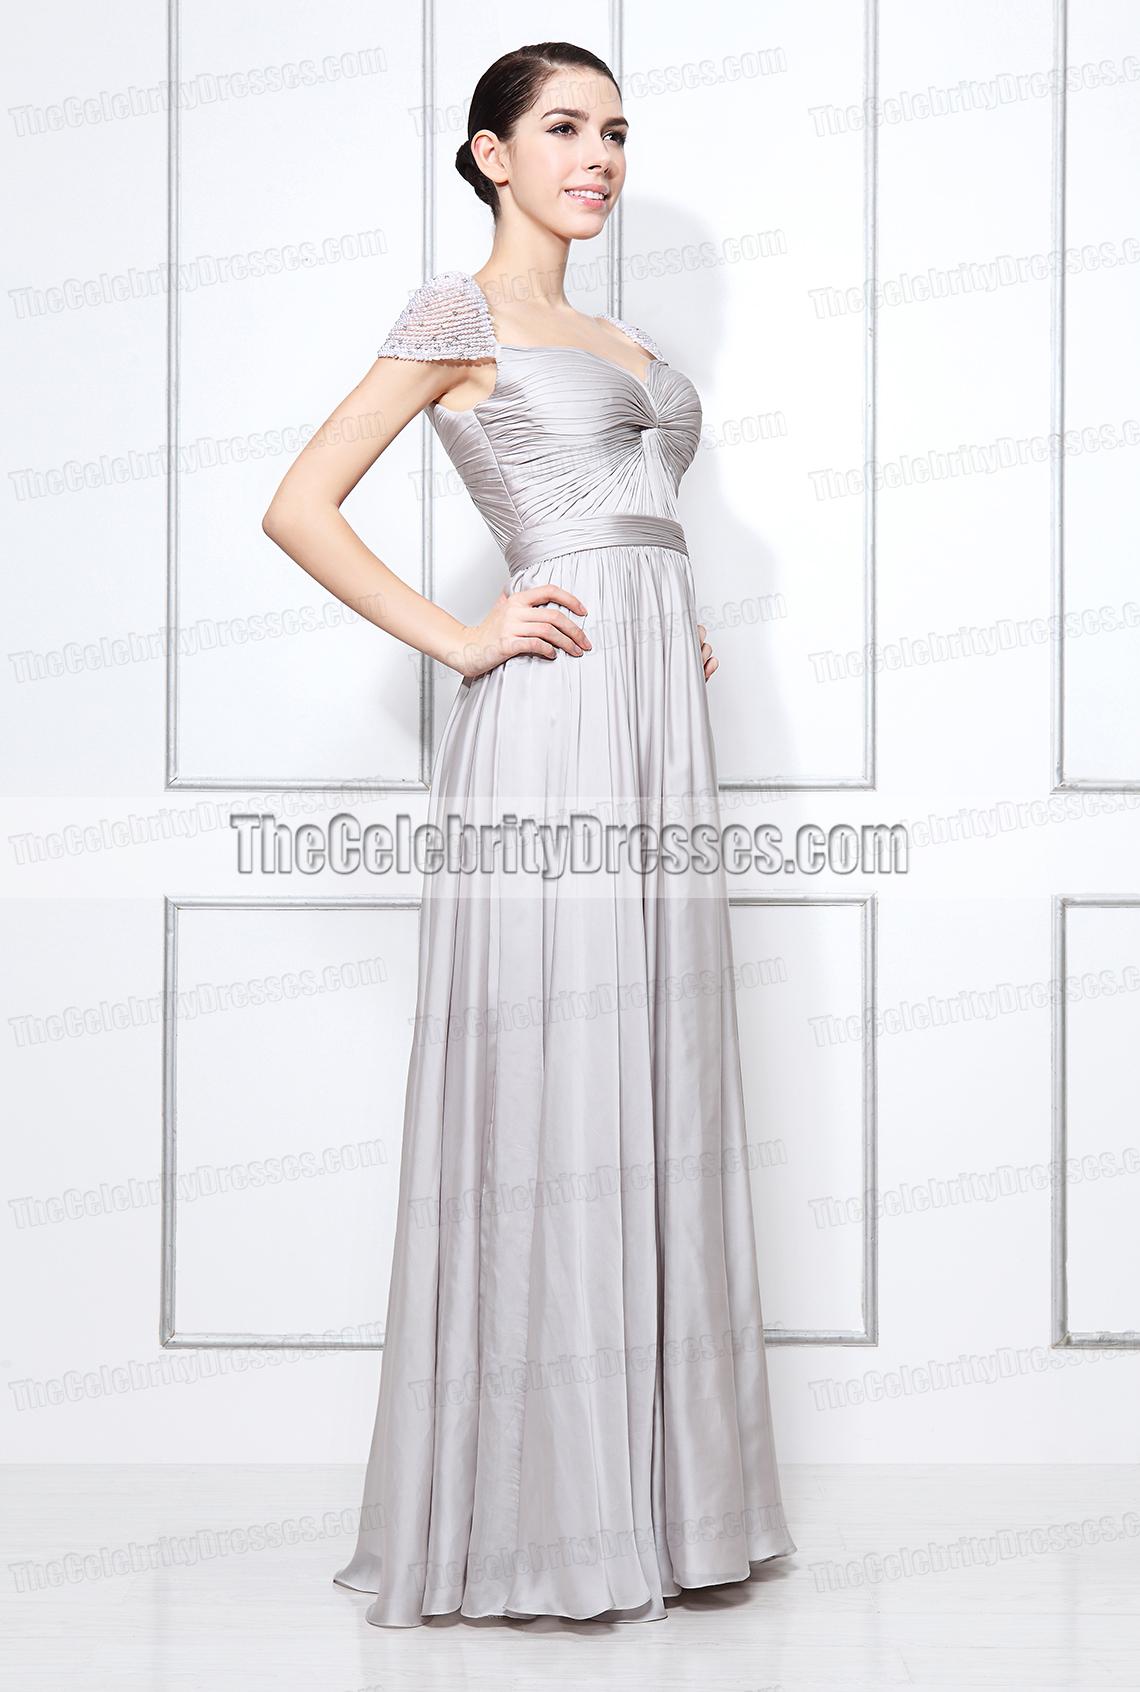 Vanessa Hudgens Lange Abend Hochzeitskleid Gossip Girl Staffel 3 ...